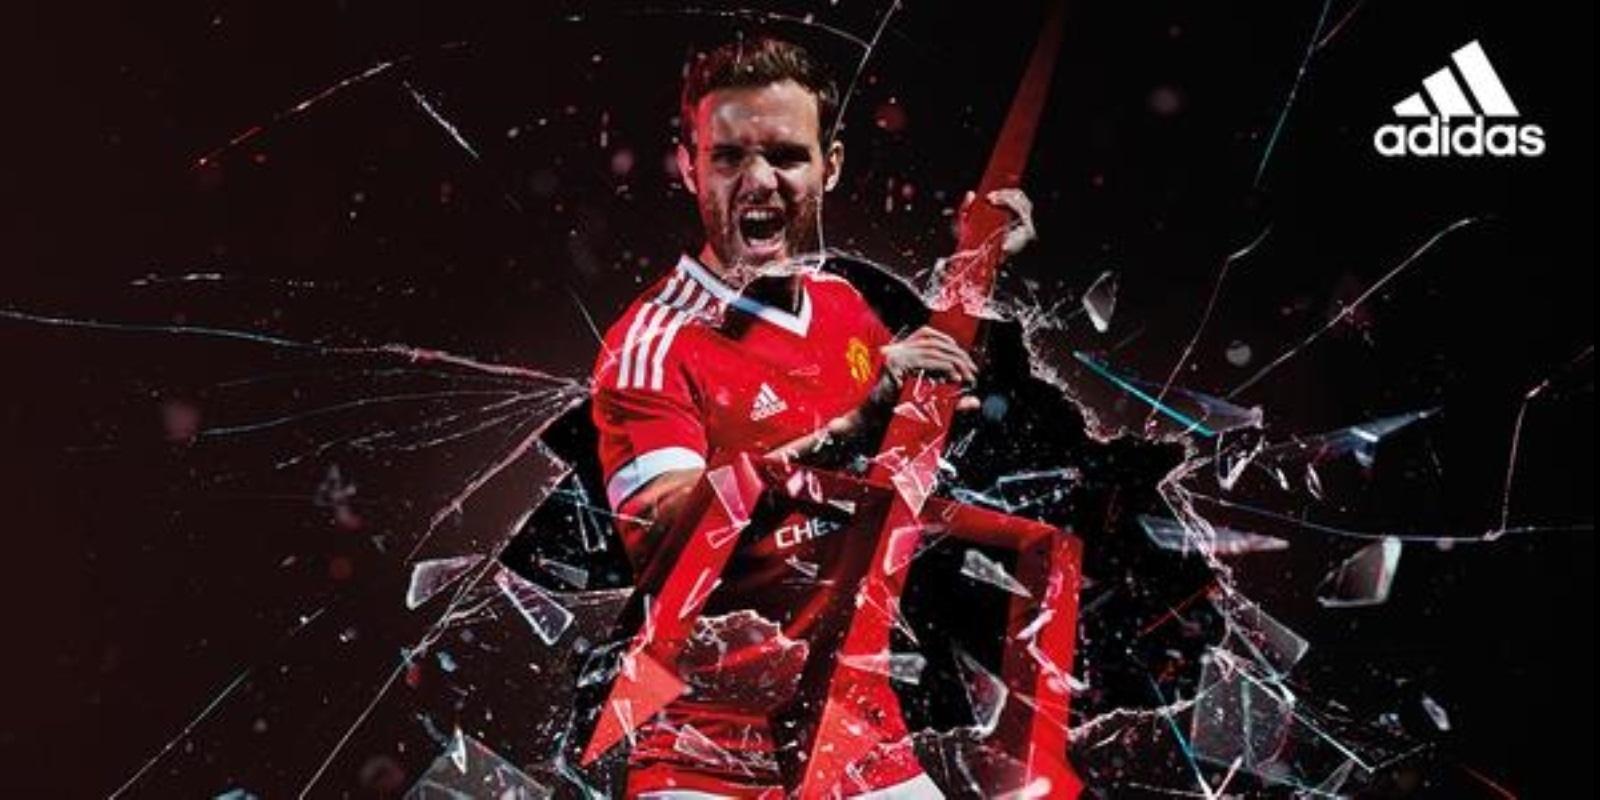 Manchester United e adidas divulgaram neste sábado imagens dos novos uniformes do clube para a temporada 2015/2016